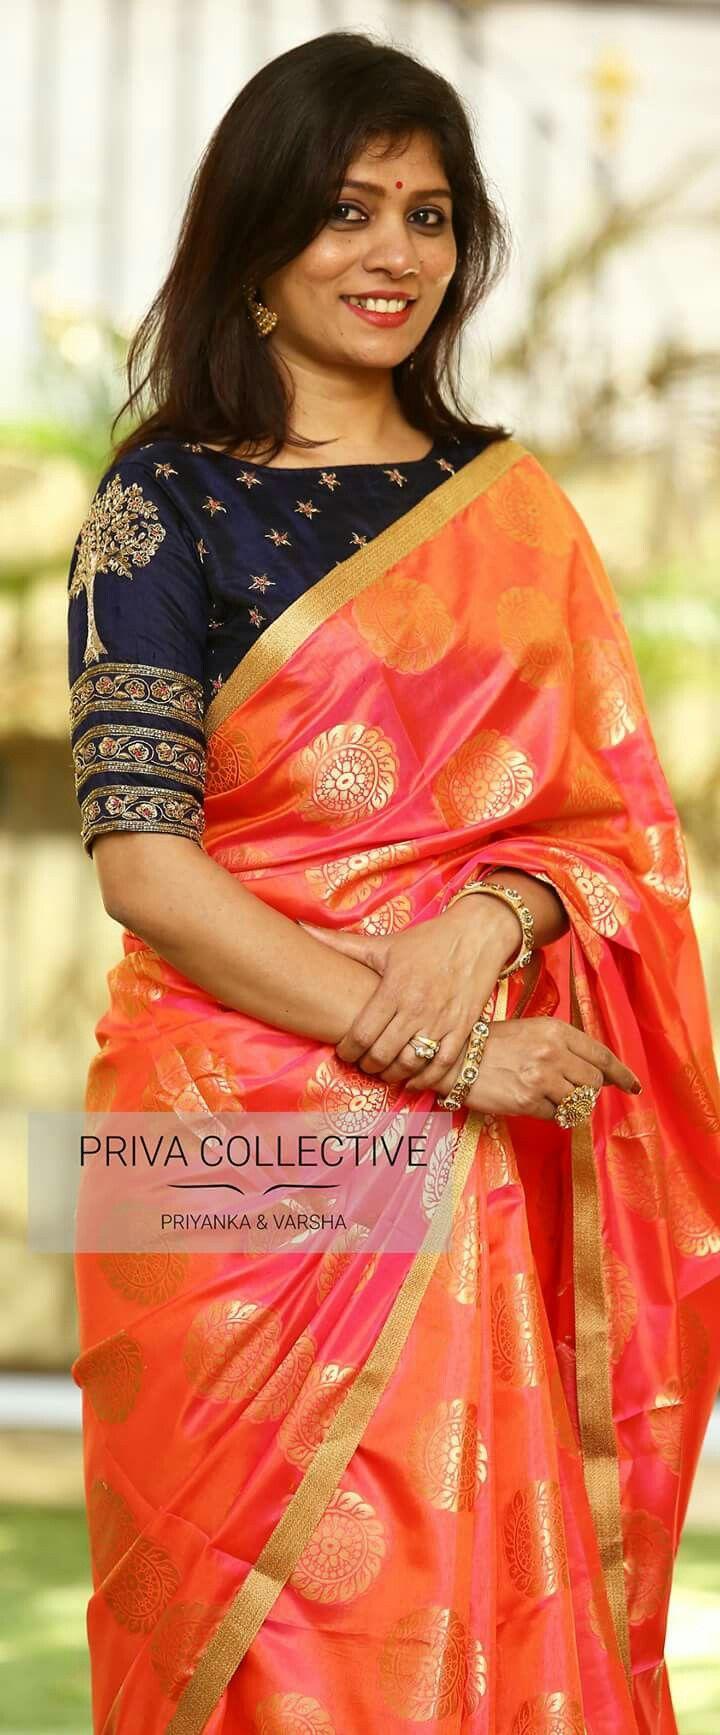 Saree blouse design pattu deepa menon palakkad on pinterest